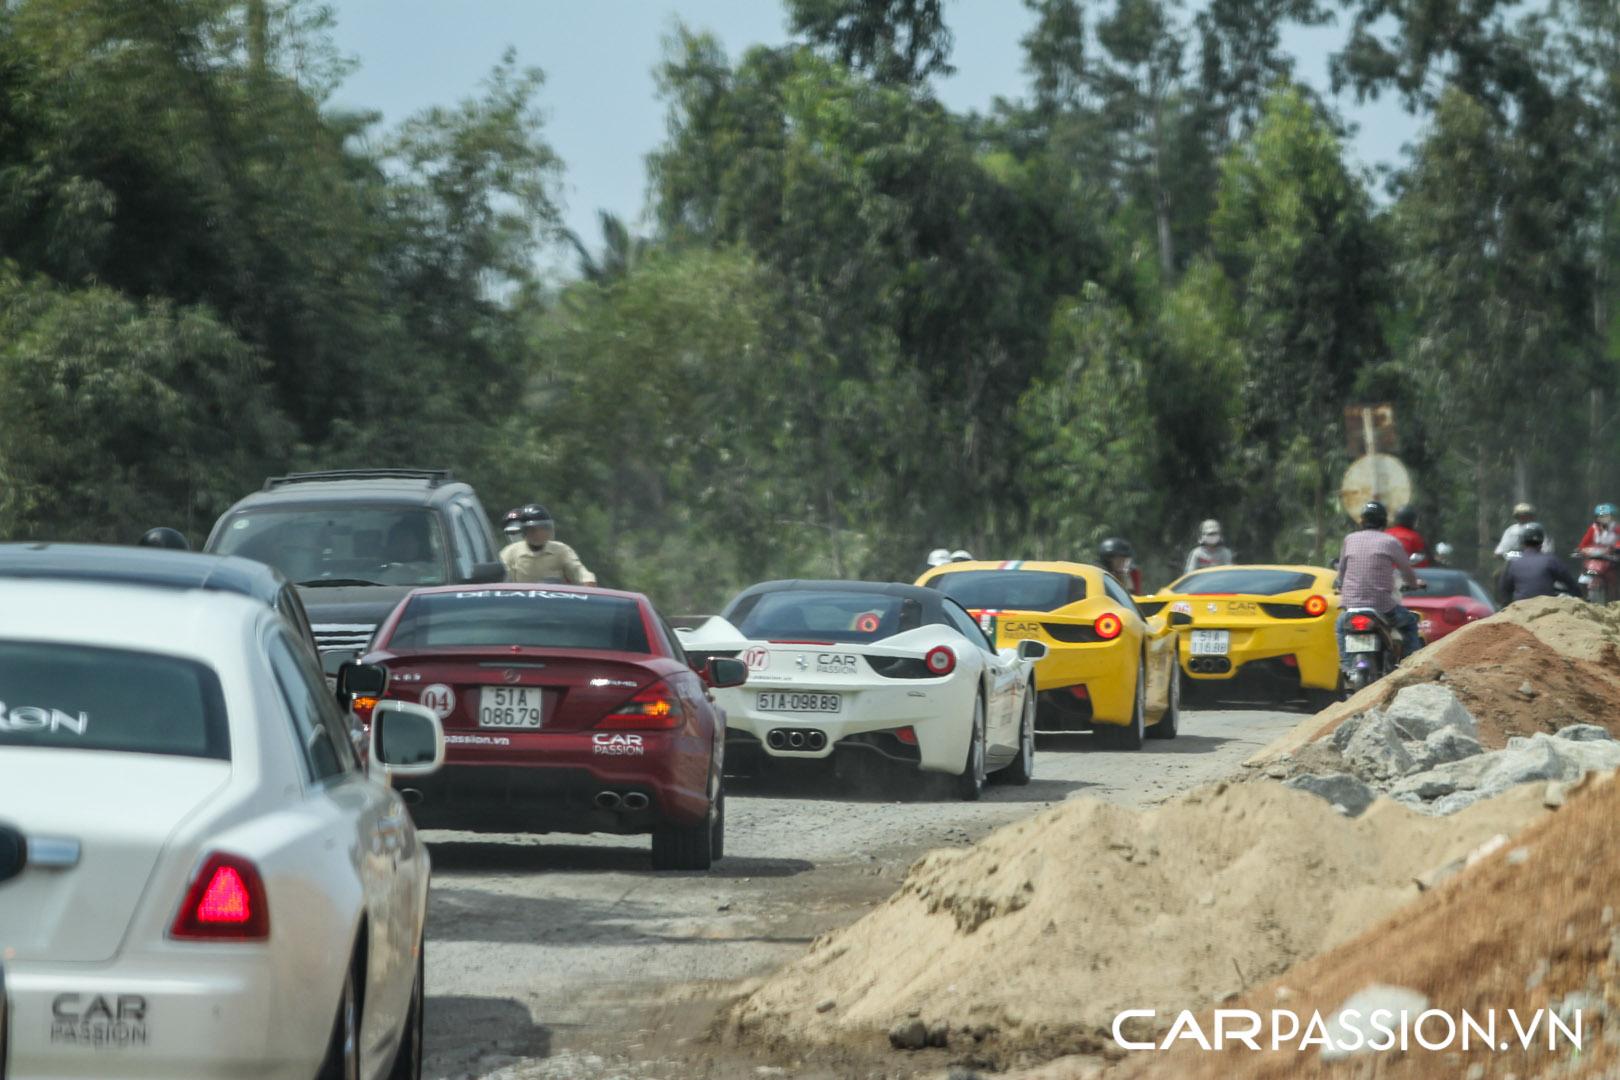 CP-Hành trình siêu xe CarPassion 2011 Day 4 (93).jpg